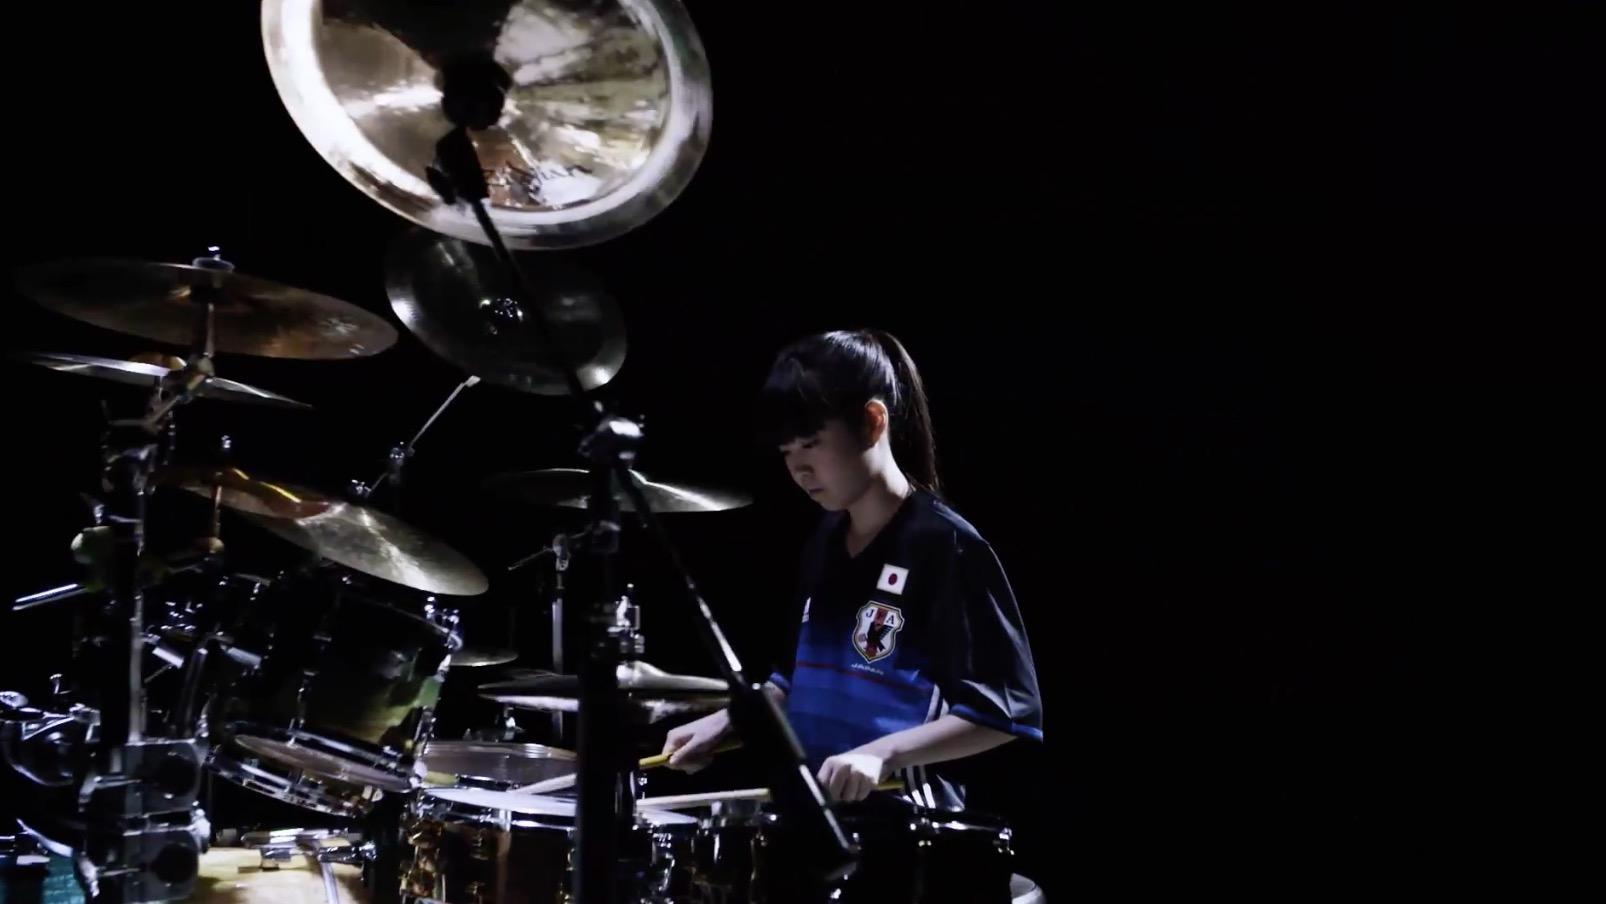 【鳥肌テク】頑張れニッポン!18歳の女性ドラマー川口千里さんが、サッカー日本代表の新ユニフォームを着て叩いて応援!!